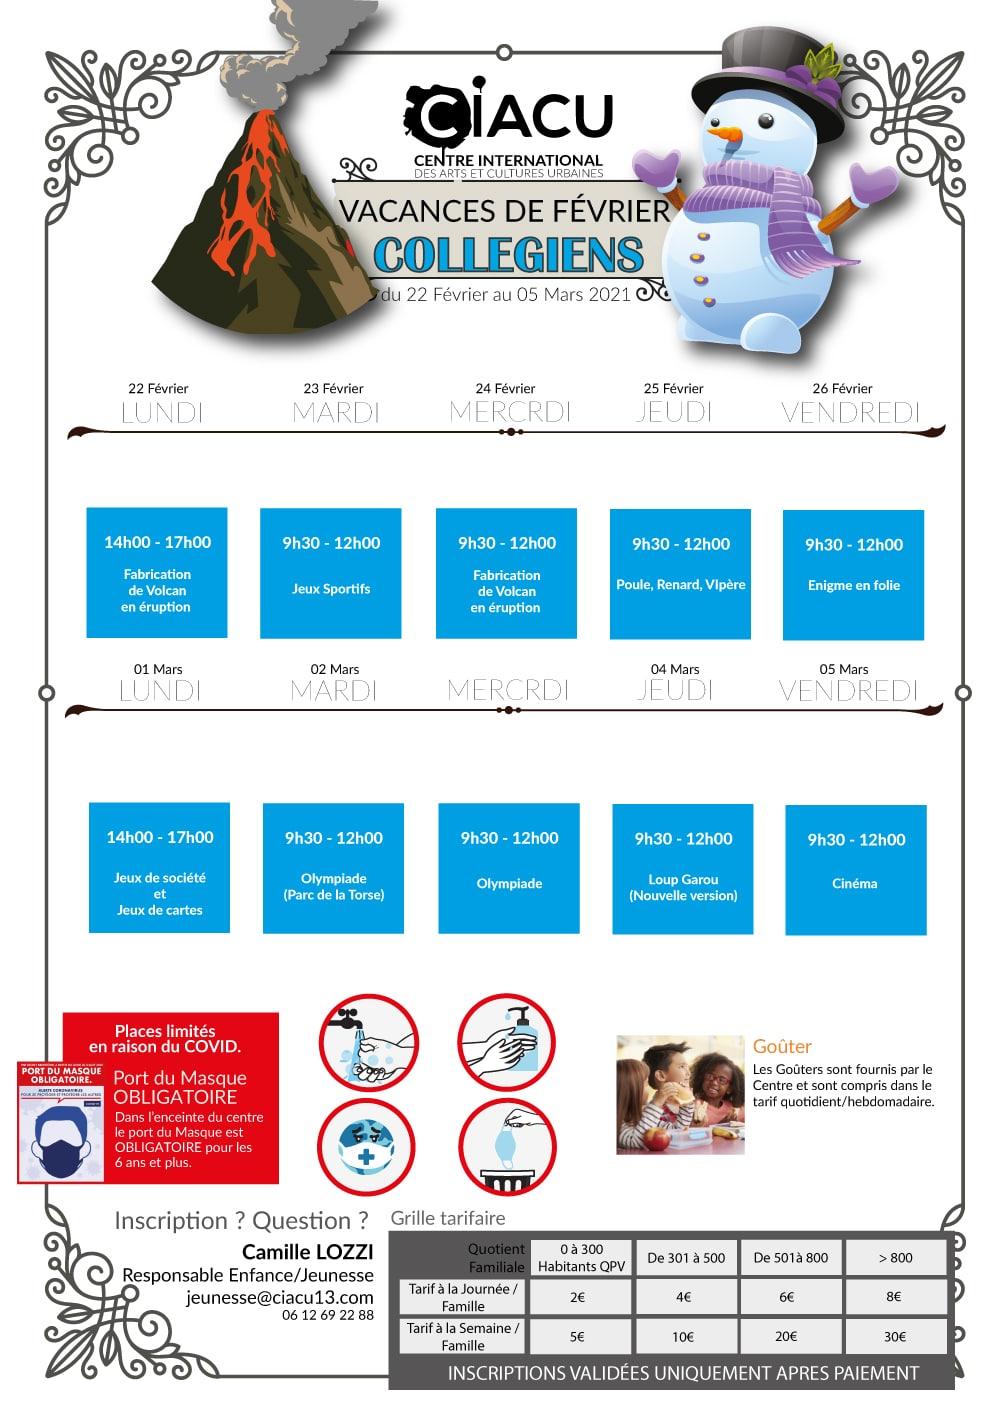 ciacu-vacances-FEVRIER-2021-A4-collegiens